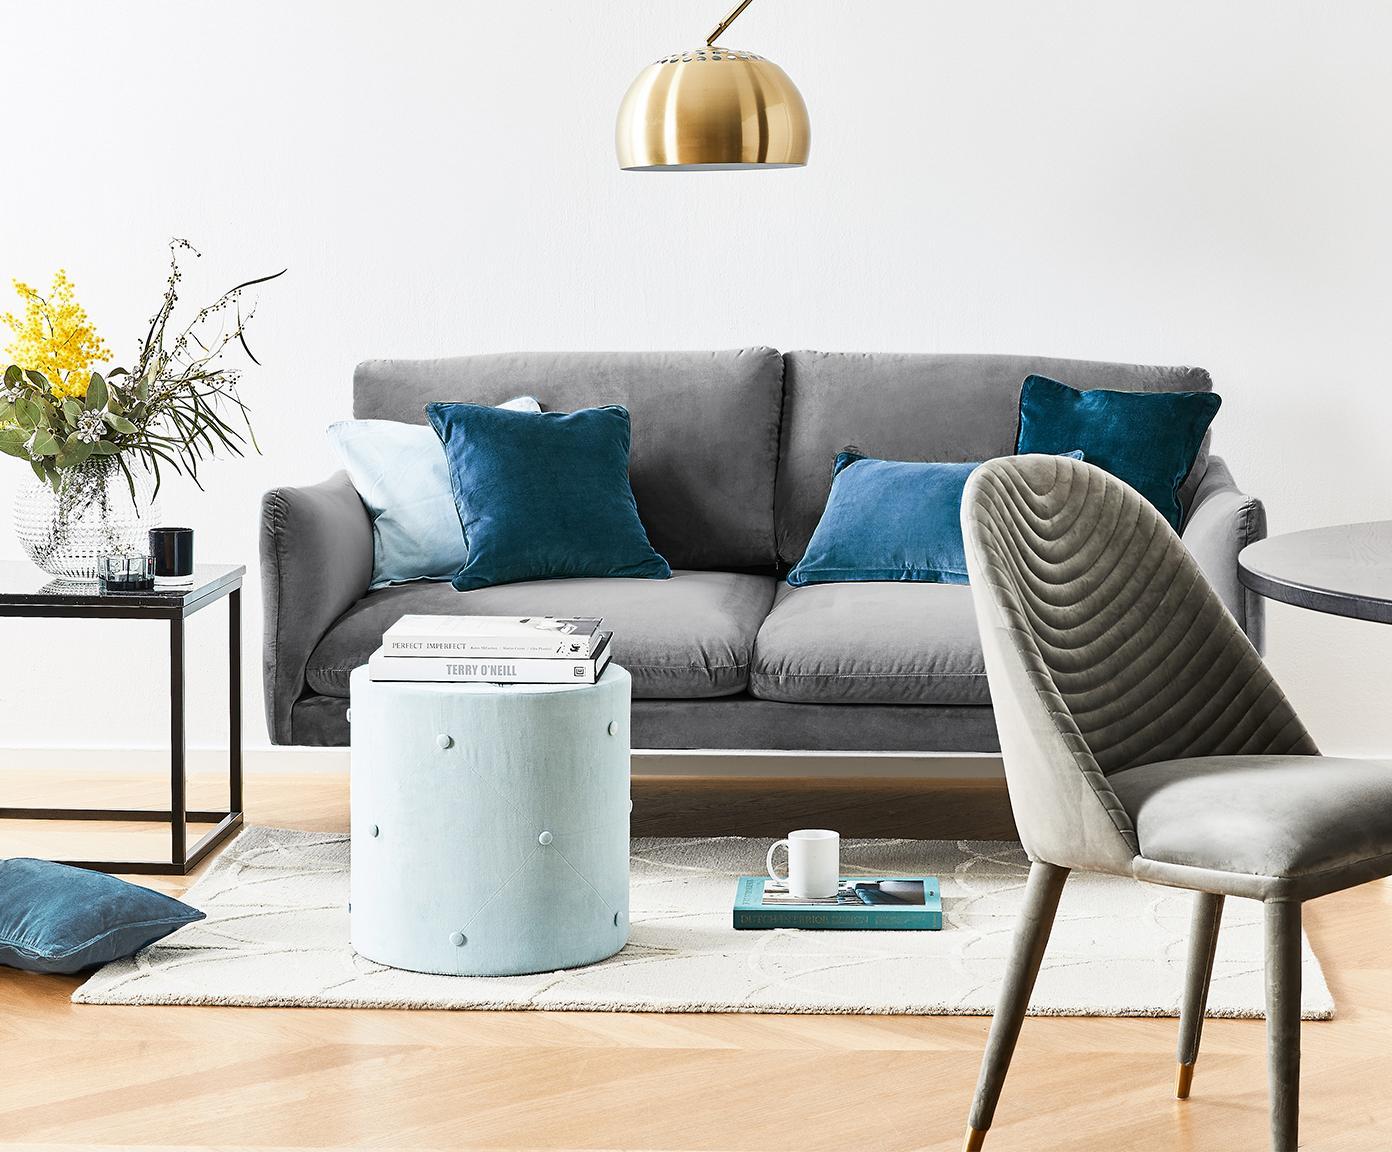 Sofa z aksamitu Moby (2-osobowa), Tapicerka: aksamit (wysokiej jakości, Stelaż: lite drewno sosnowe, Nogi: metal malowany proszkowo, Szary, S 170 x G 95 cm